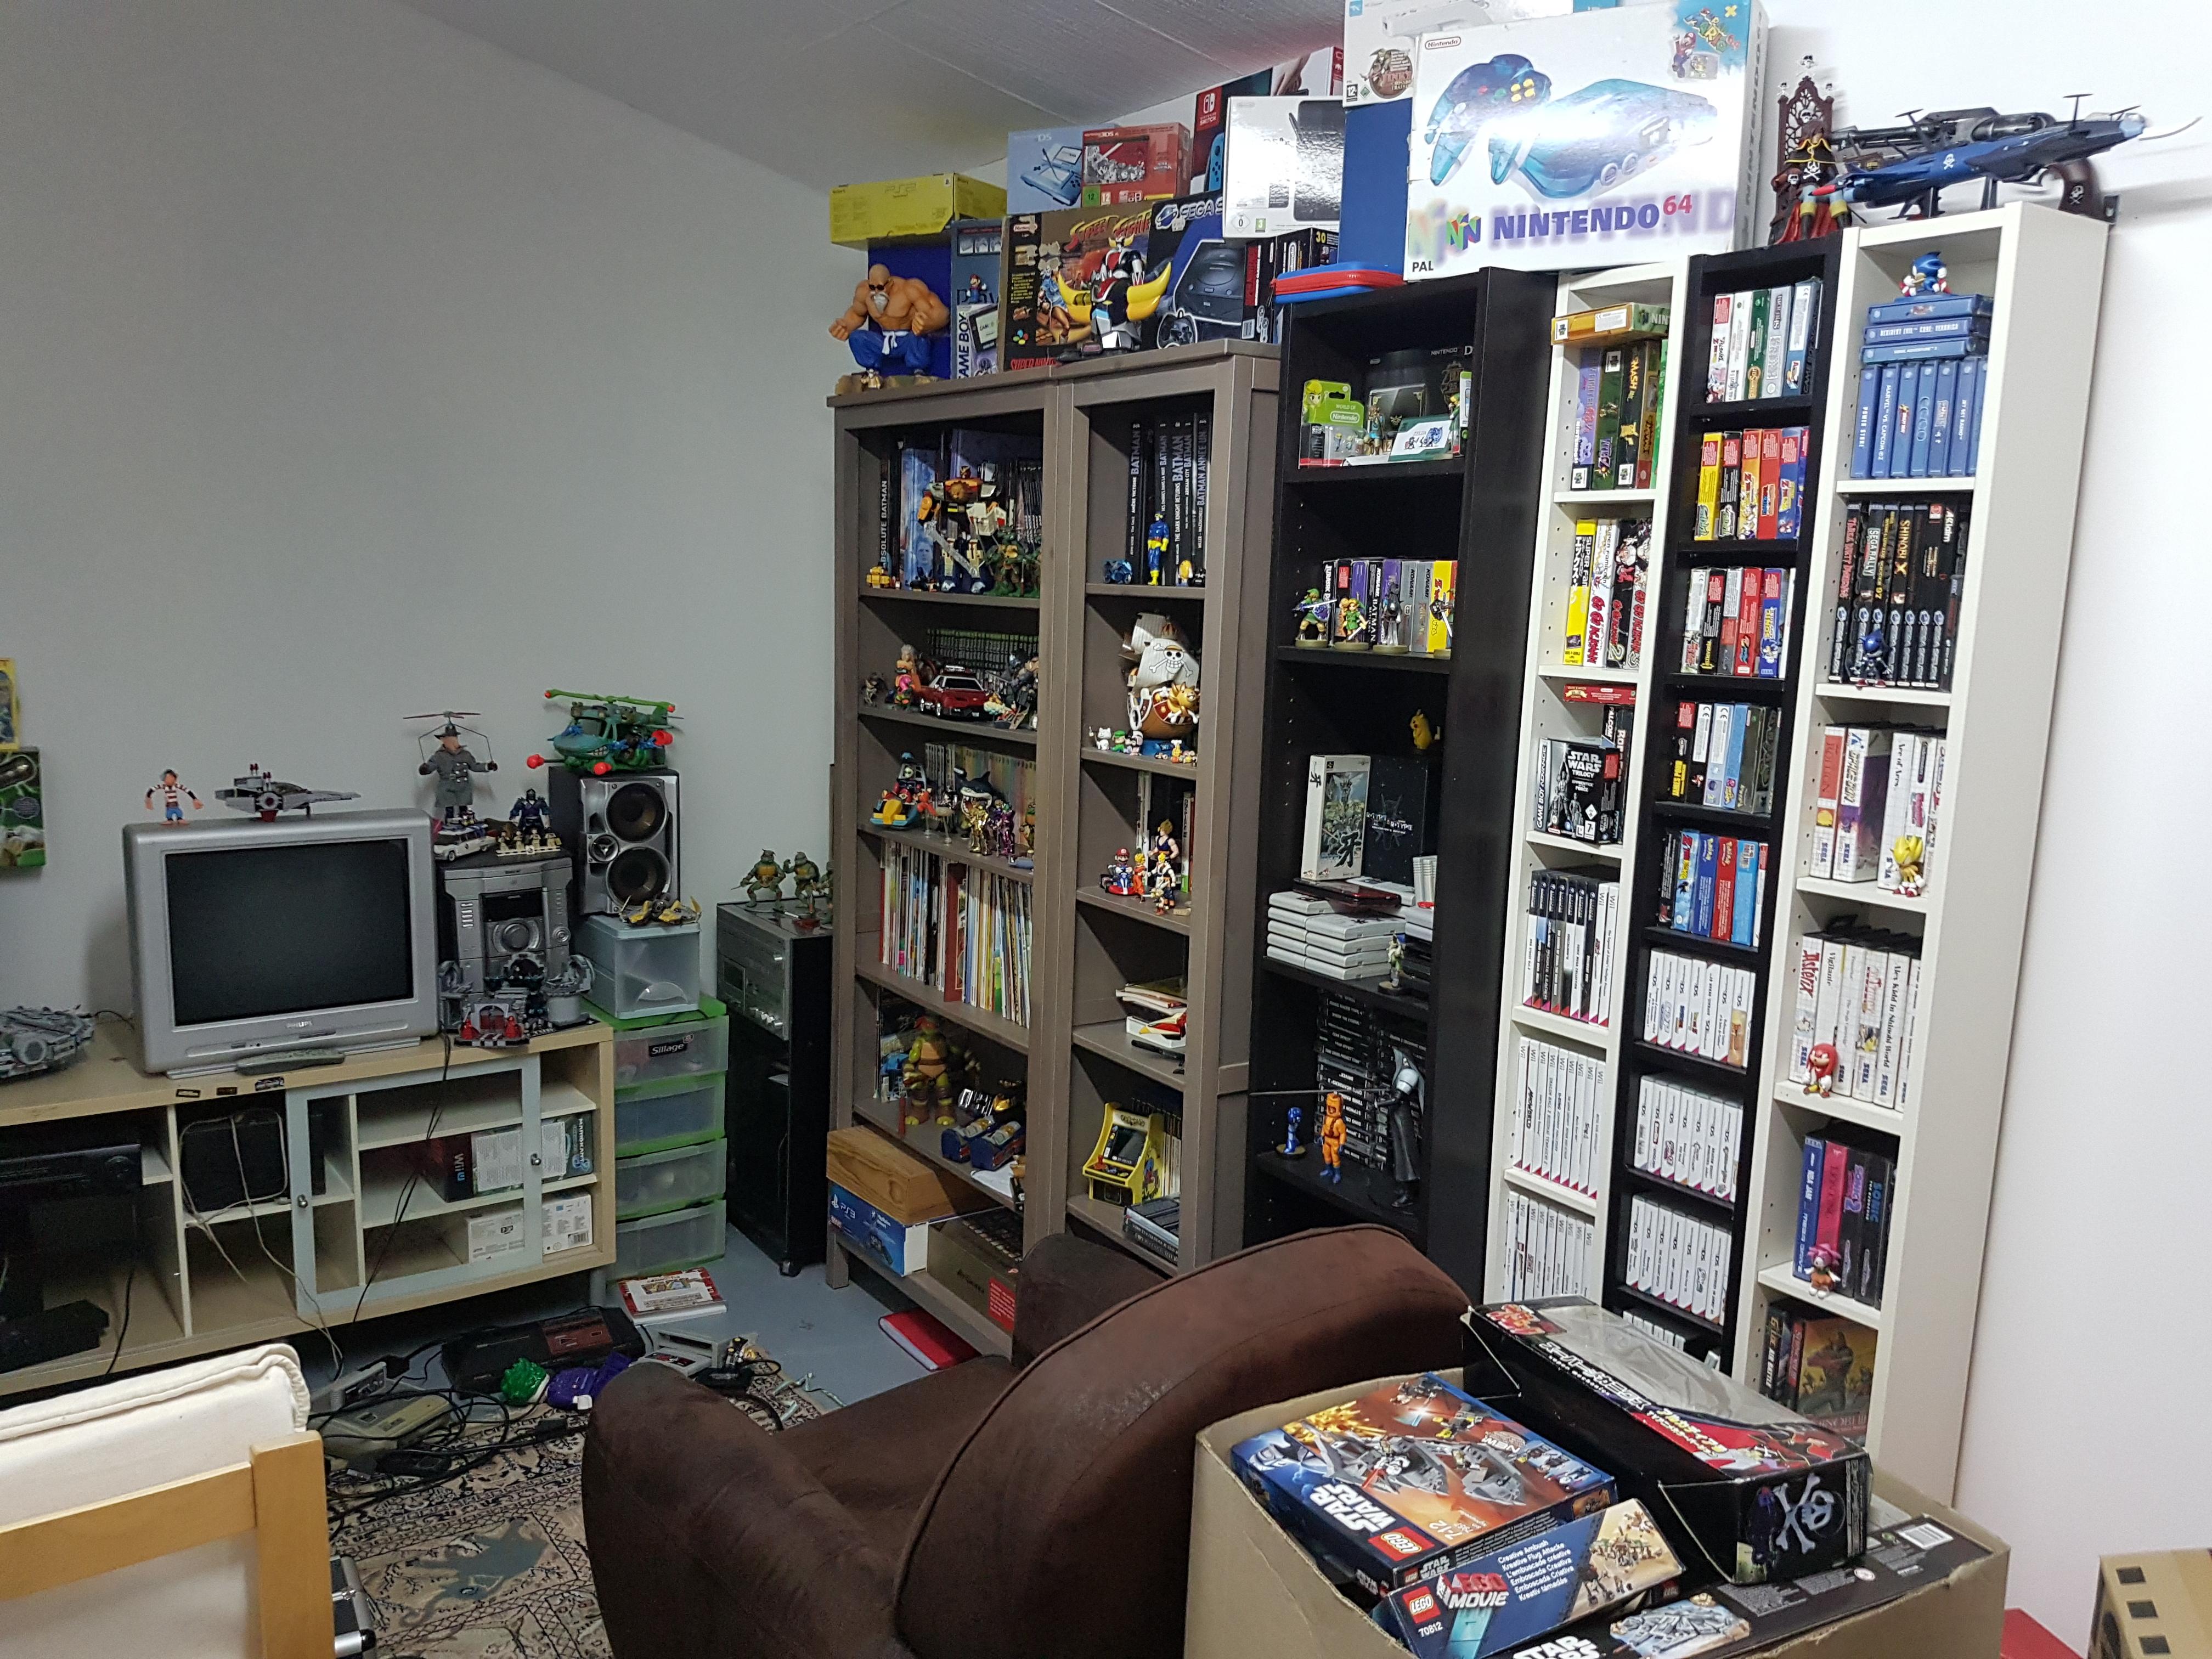 Votre Gameroom en une photo ! - Page 4 20200411_215406